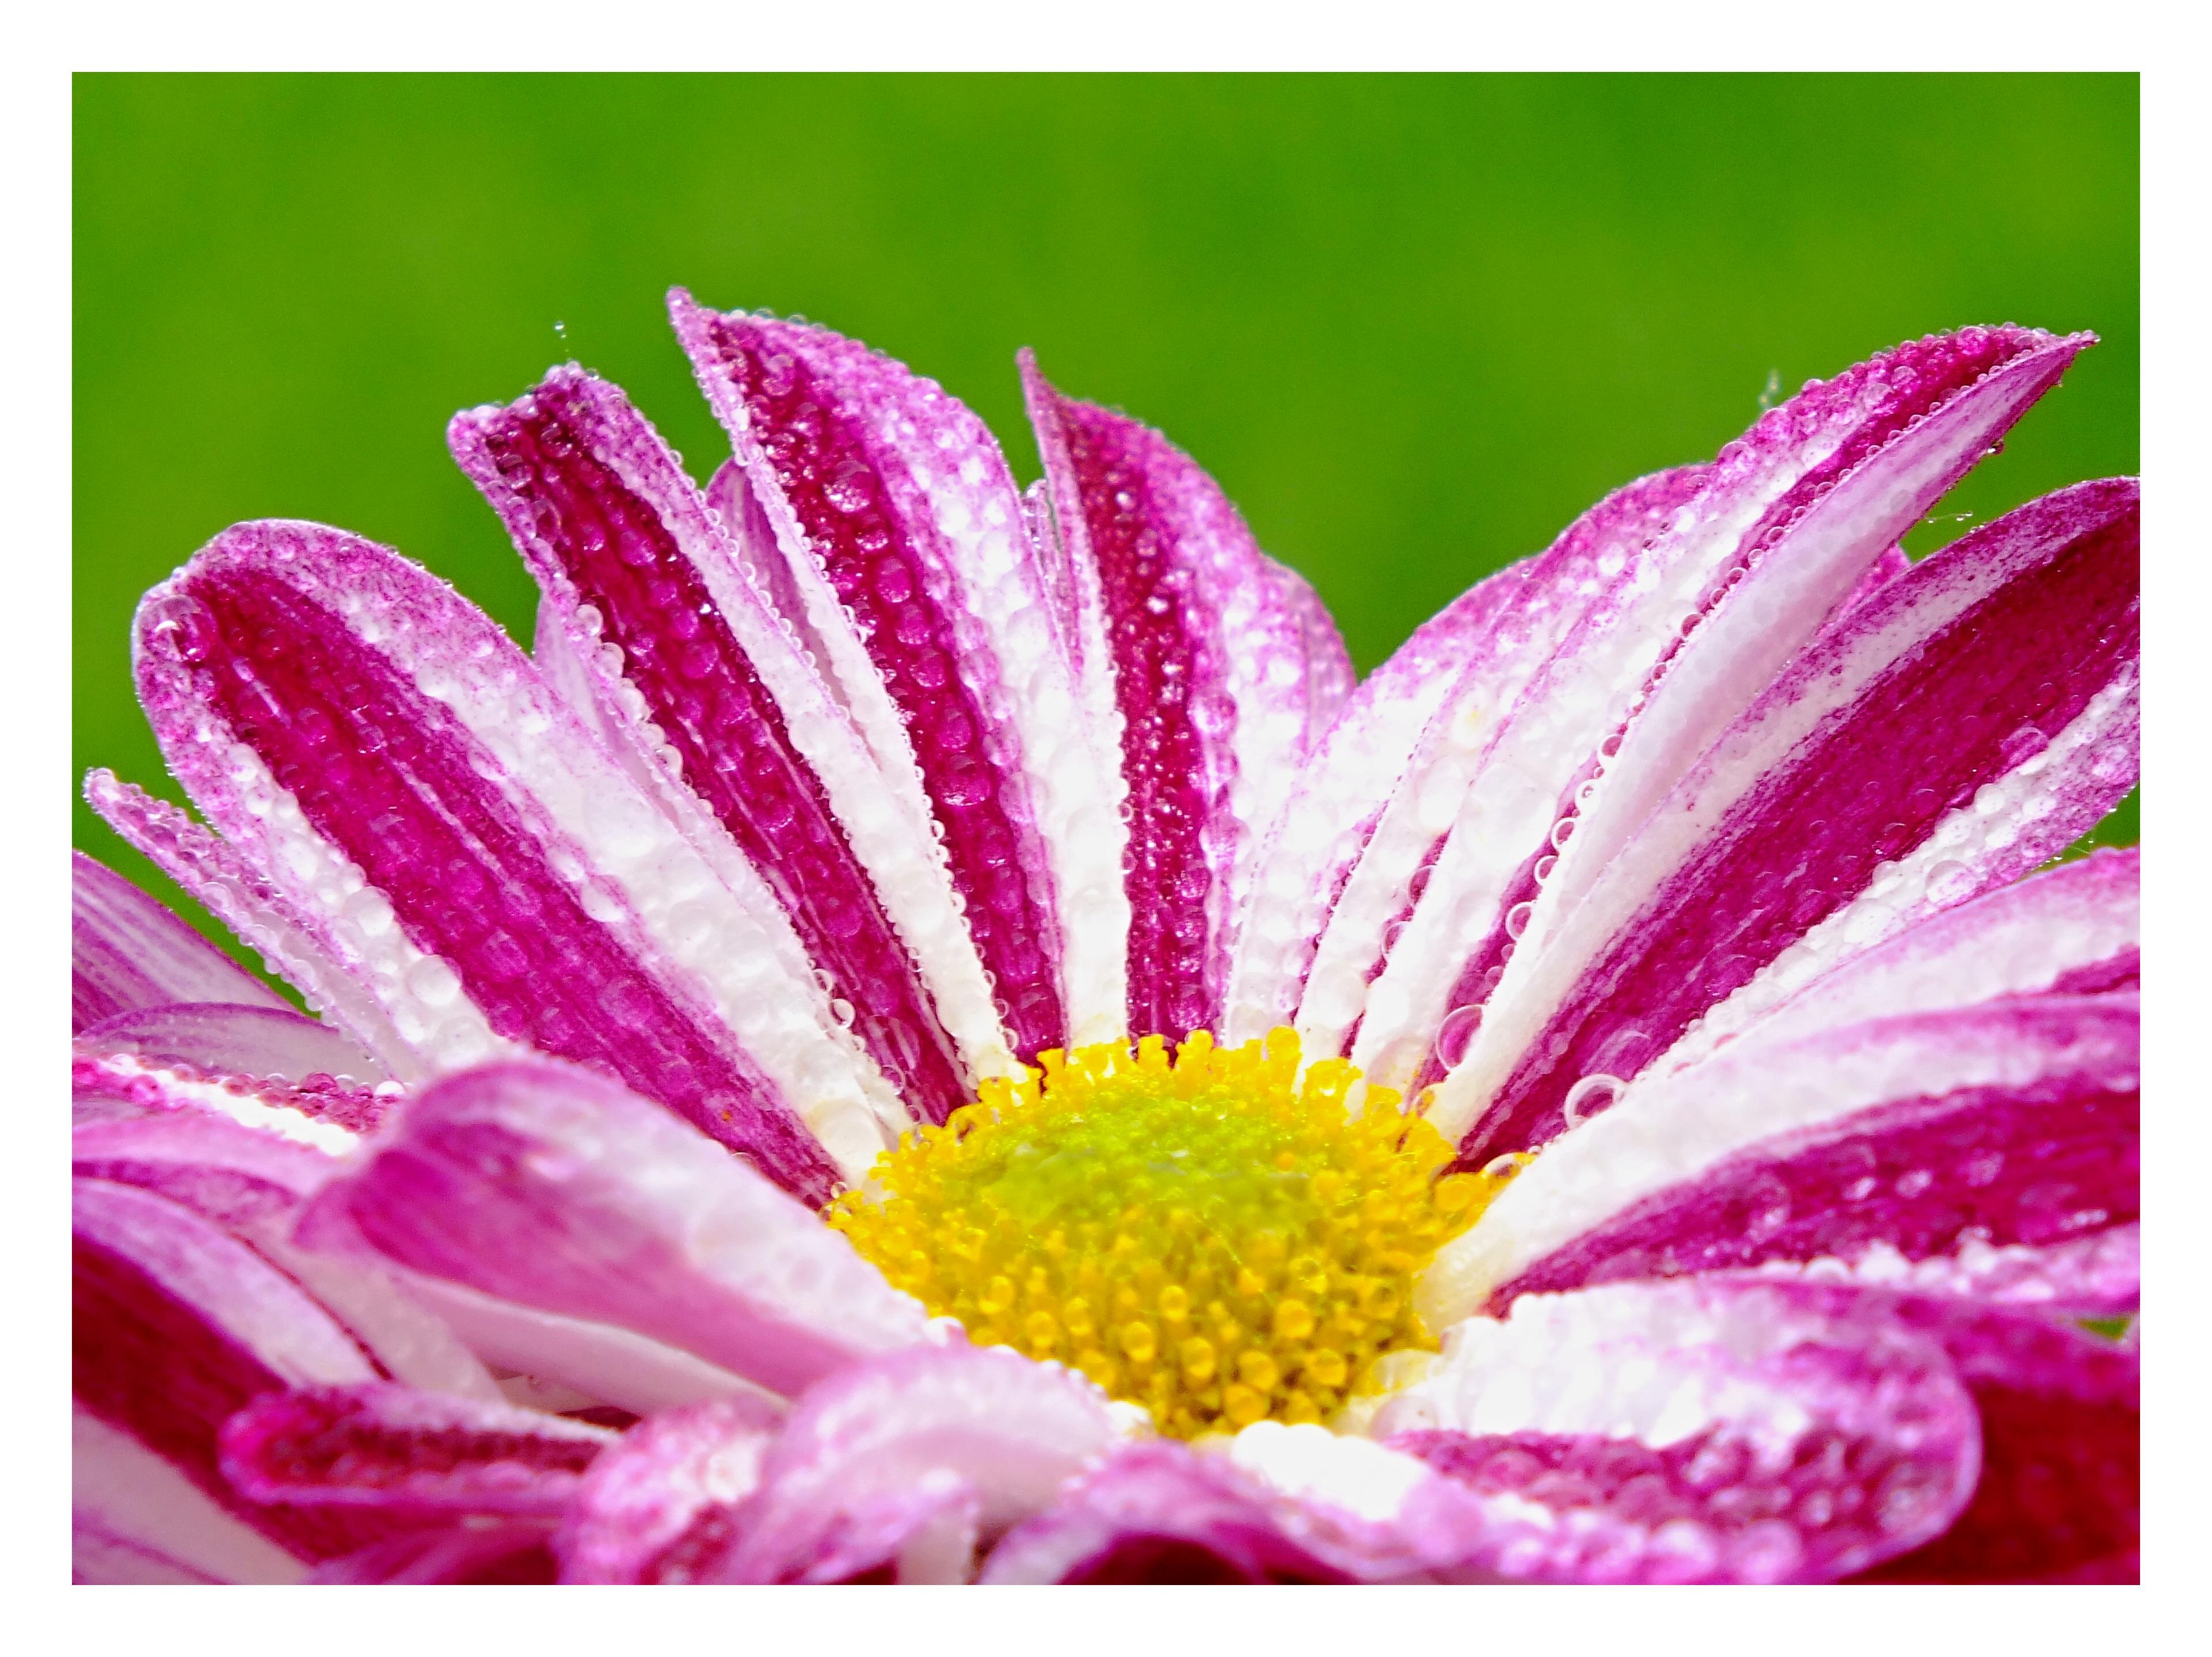 Obraz do bytu růžový květ